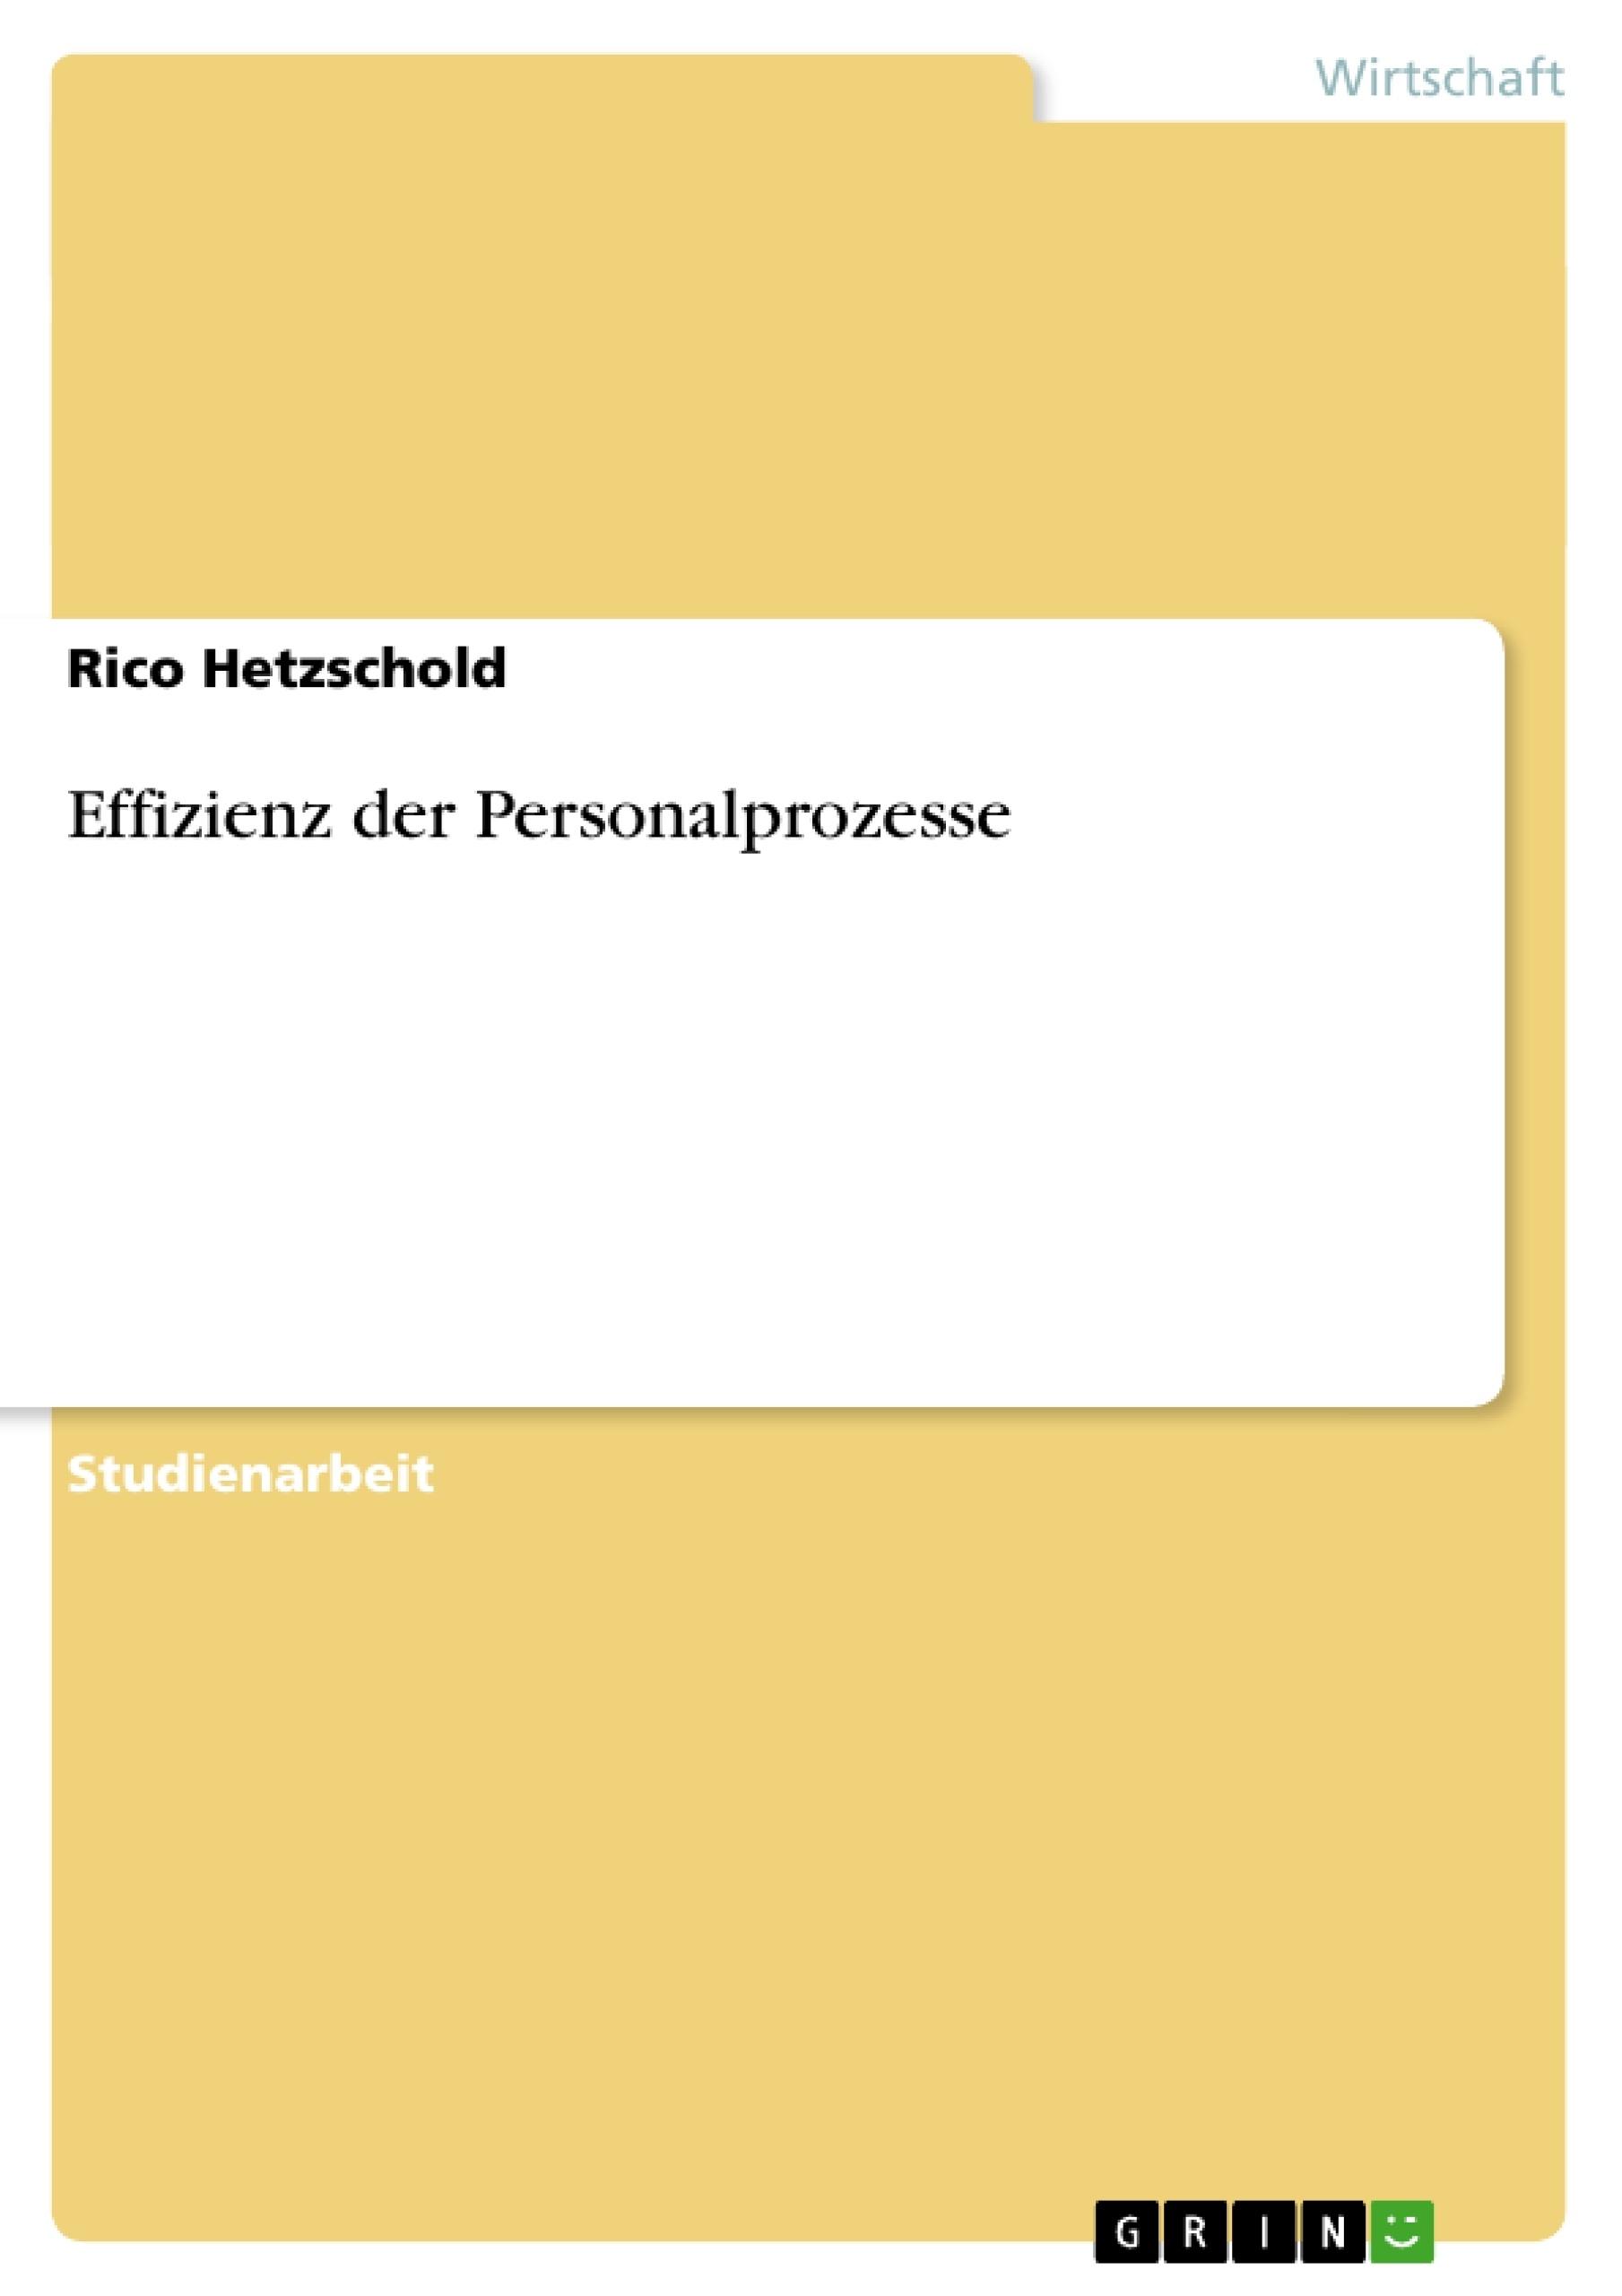 Titel: Effizienz der Personalprozesse